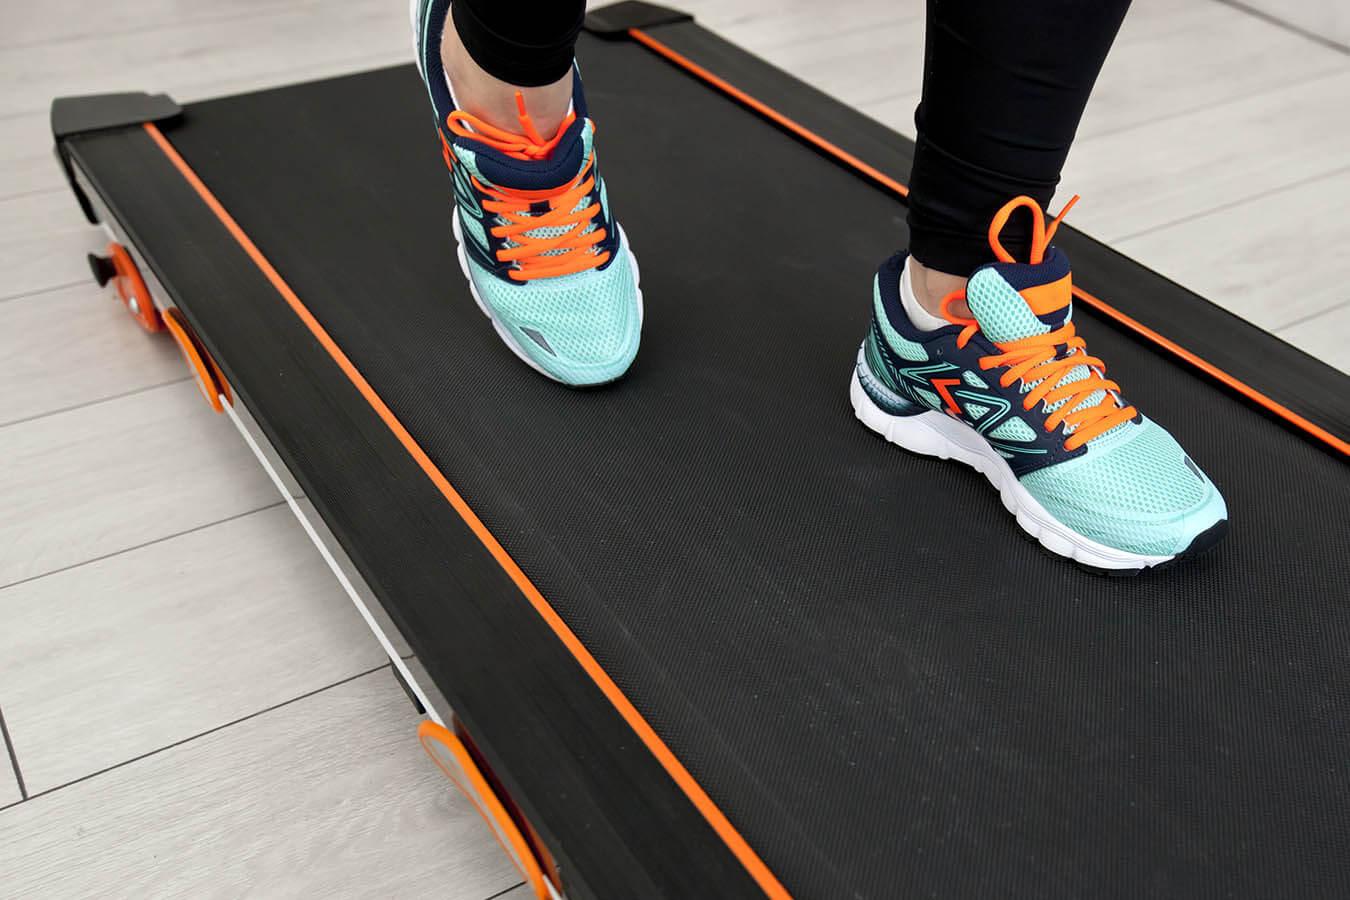 Indoorwalking, l'allenamento ad personam